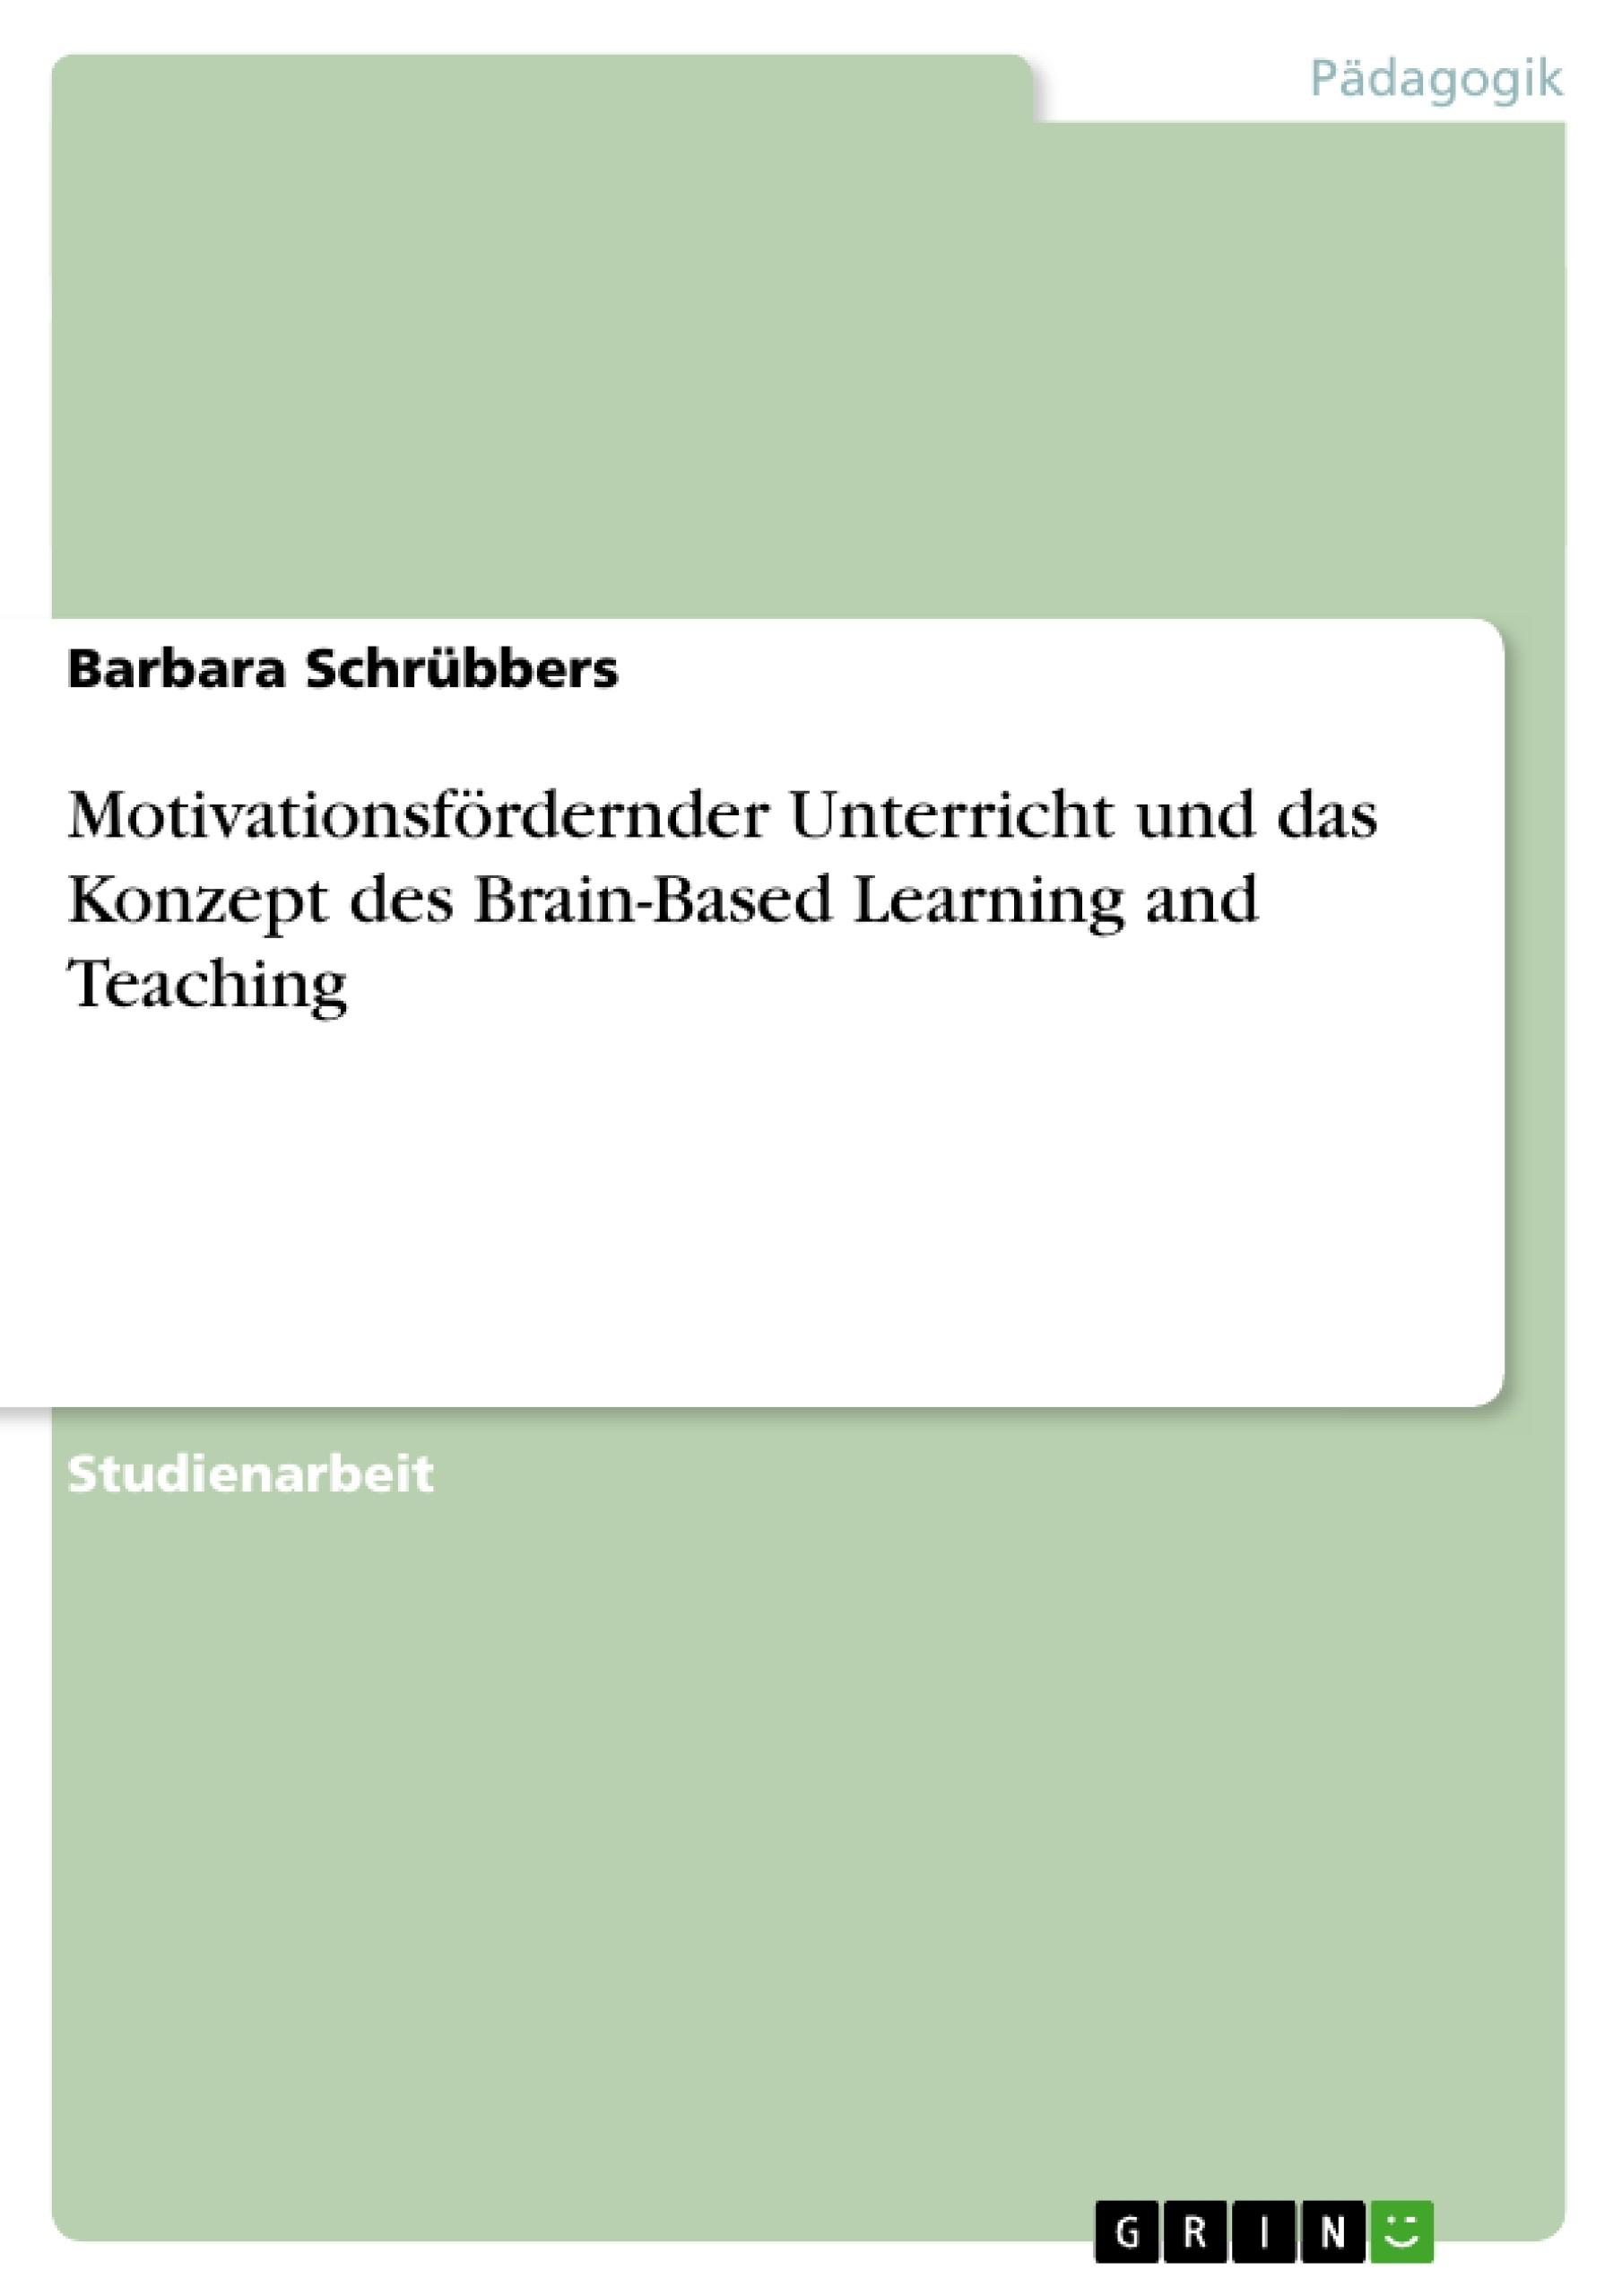 Titel: Motivationsfördernder Unterricht und das Konzept des Brain-Based Learning and Teaching